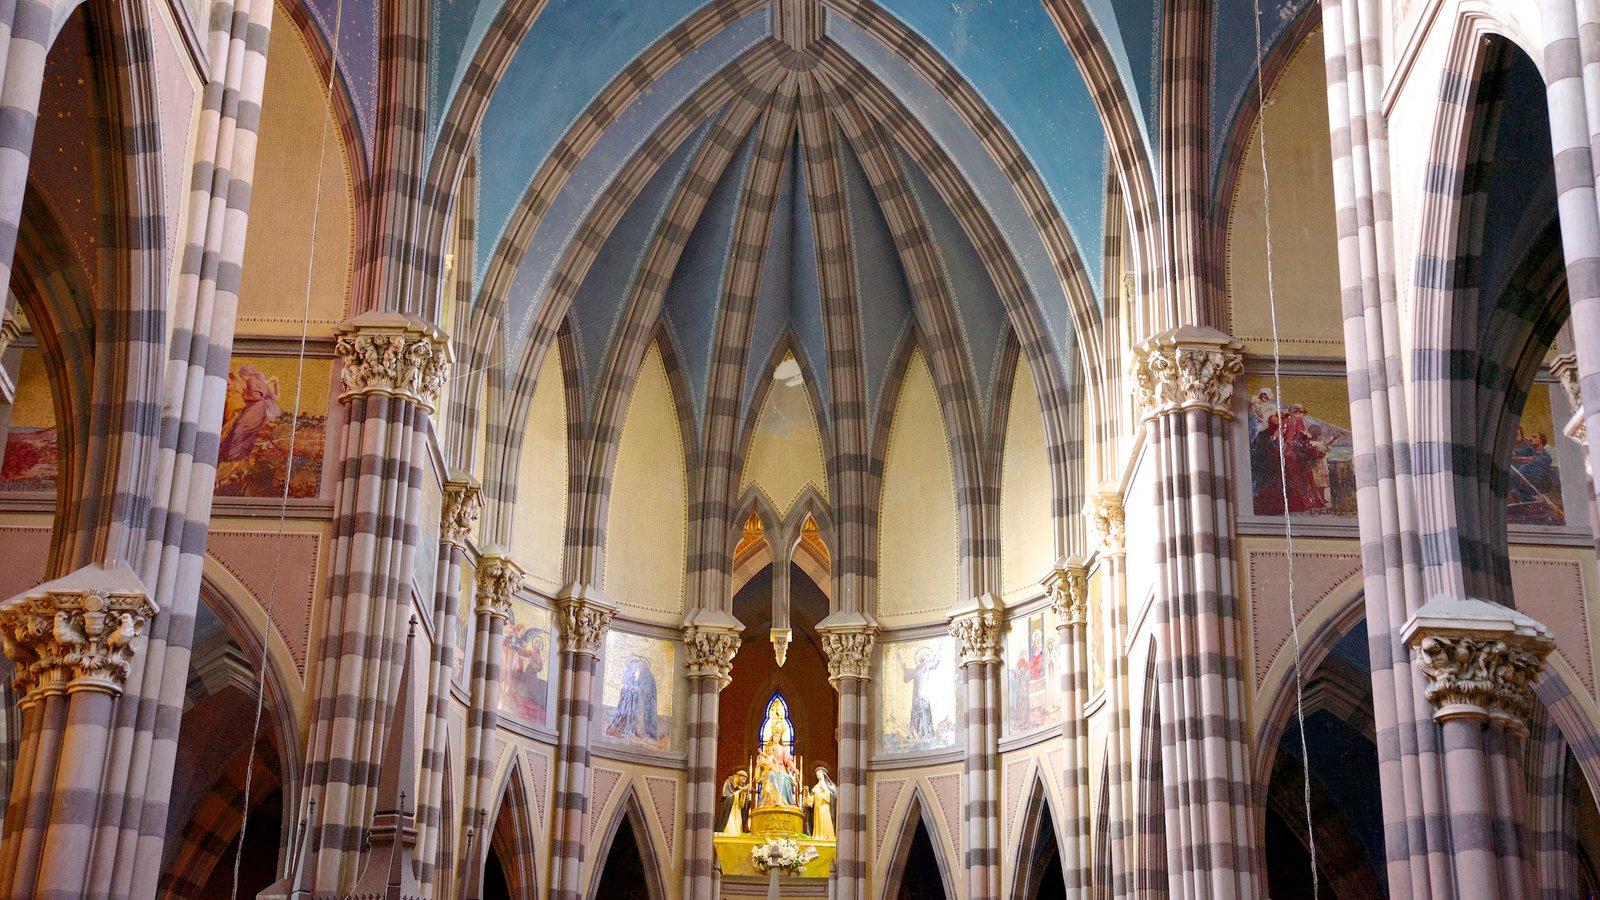 Iglesia del Sagrado Corazón que inclui vistas internas, elementos religiosos e arquitetura de patrimônio